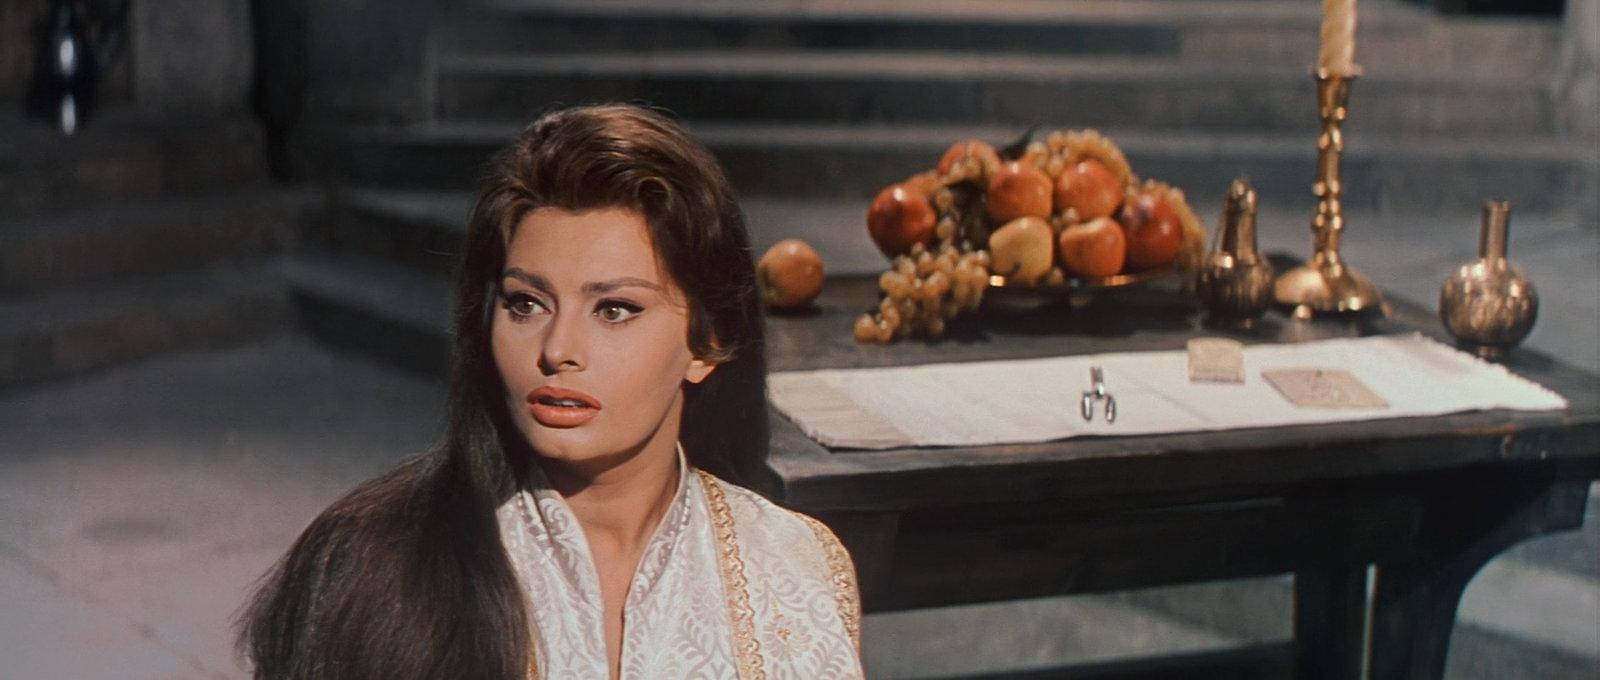 Sophia Loren in El Cid (1961)